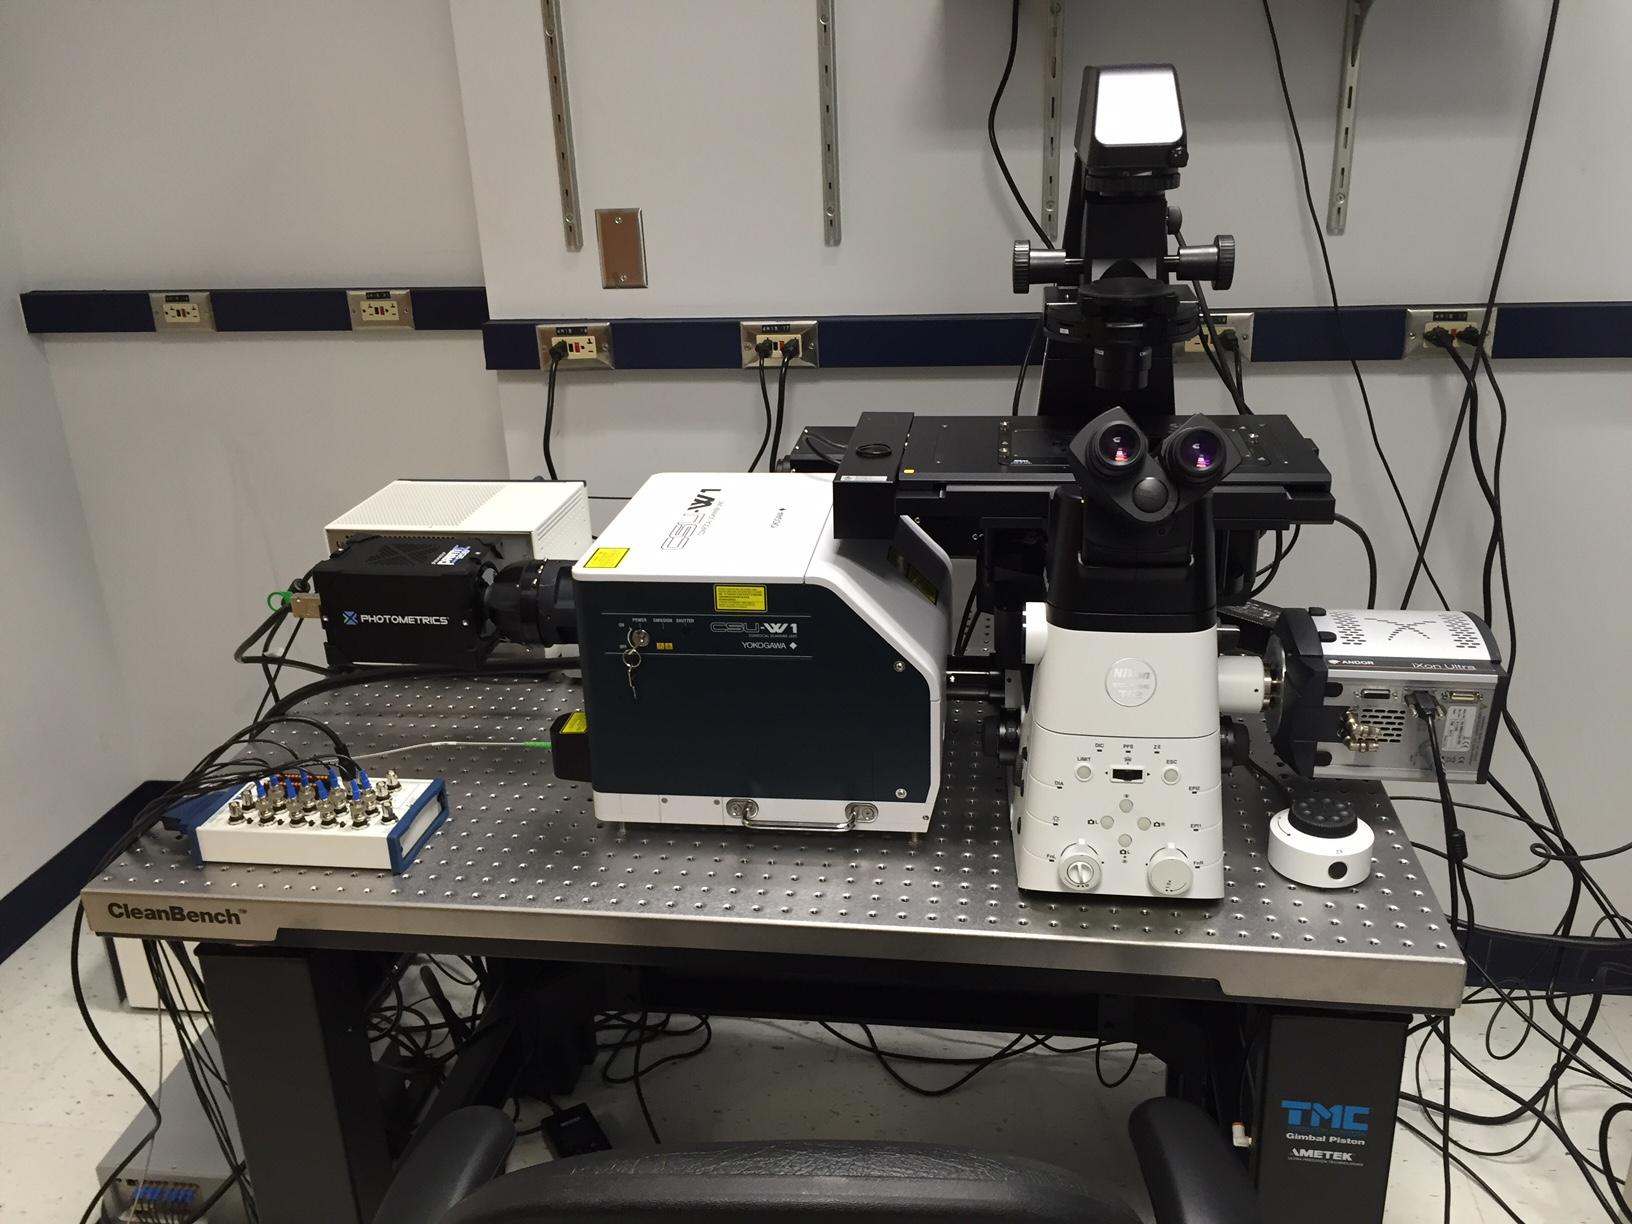 Microscopy fun